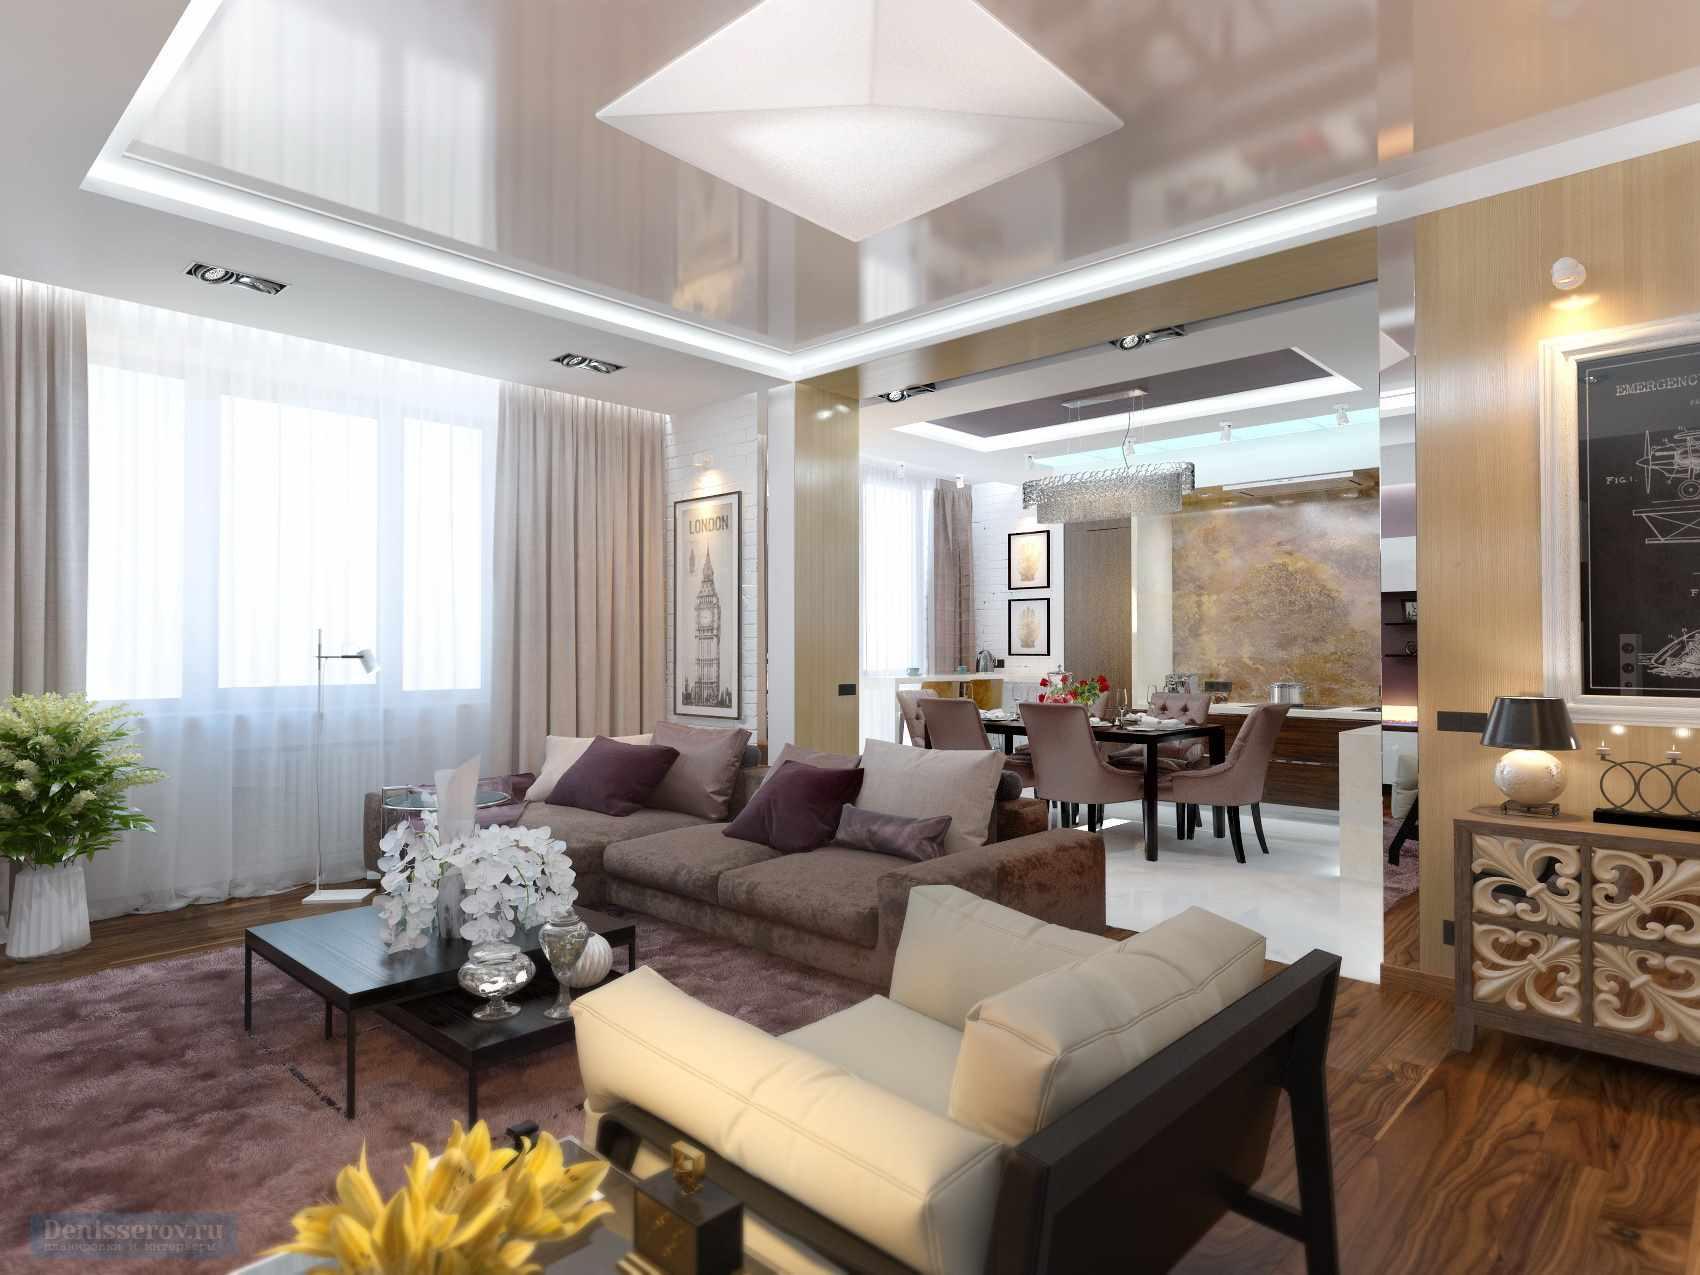 Một ví dụ về thiết kế đẹp của phòng khách 19-20 m2